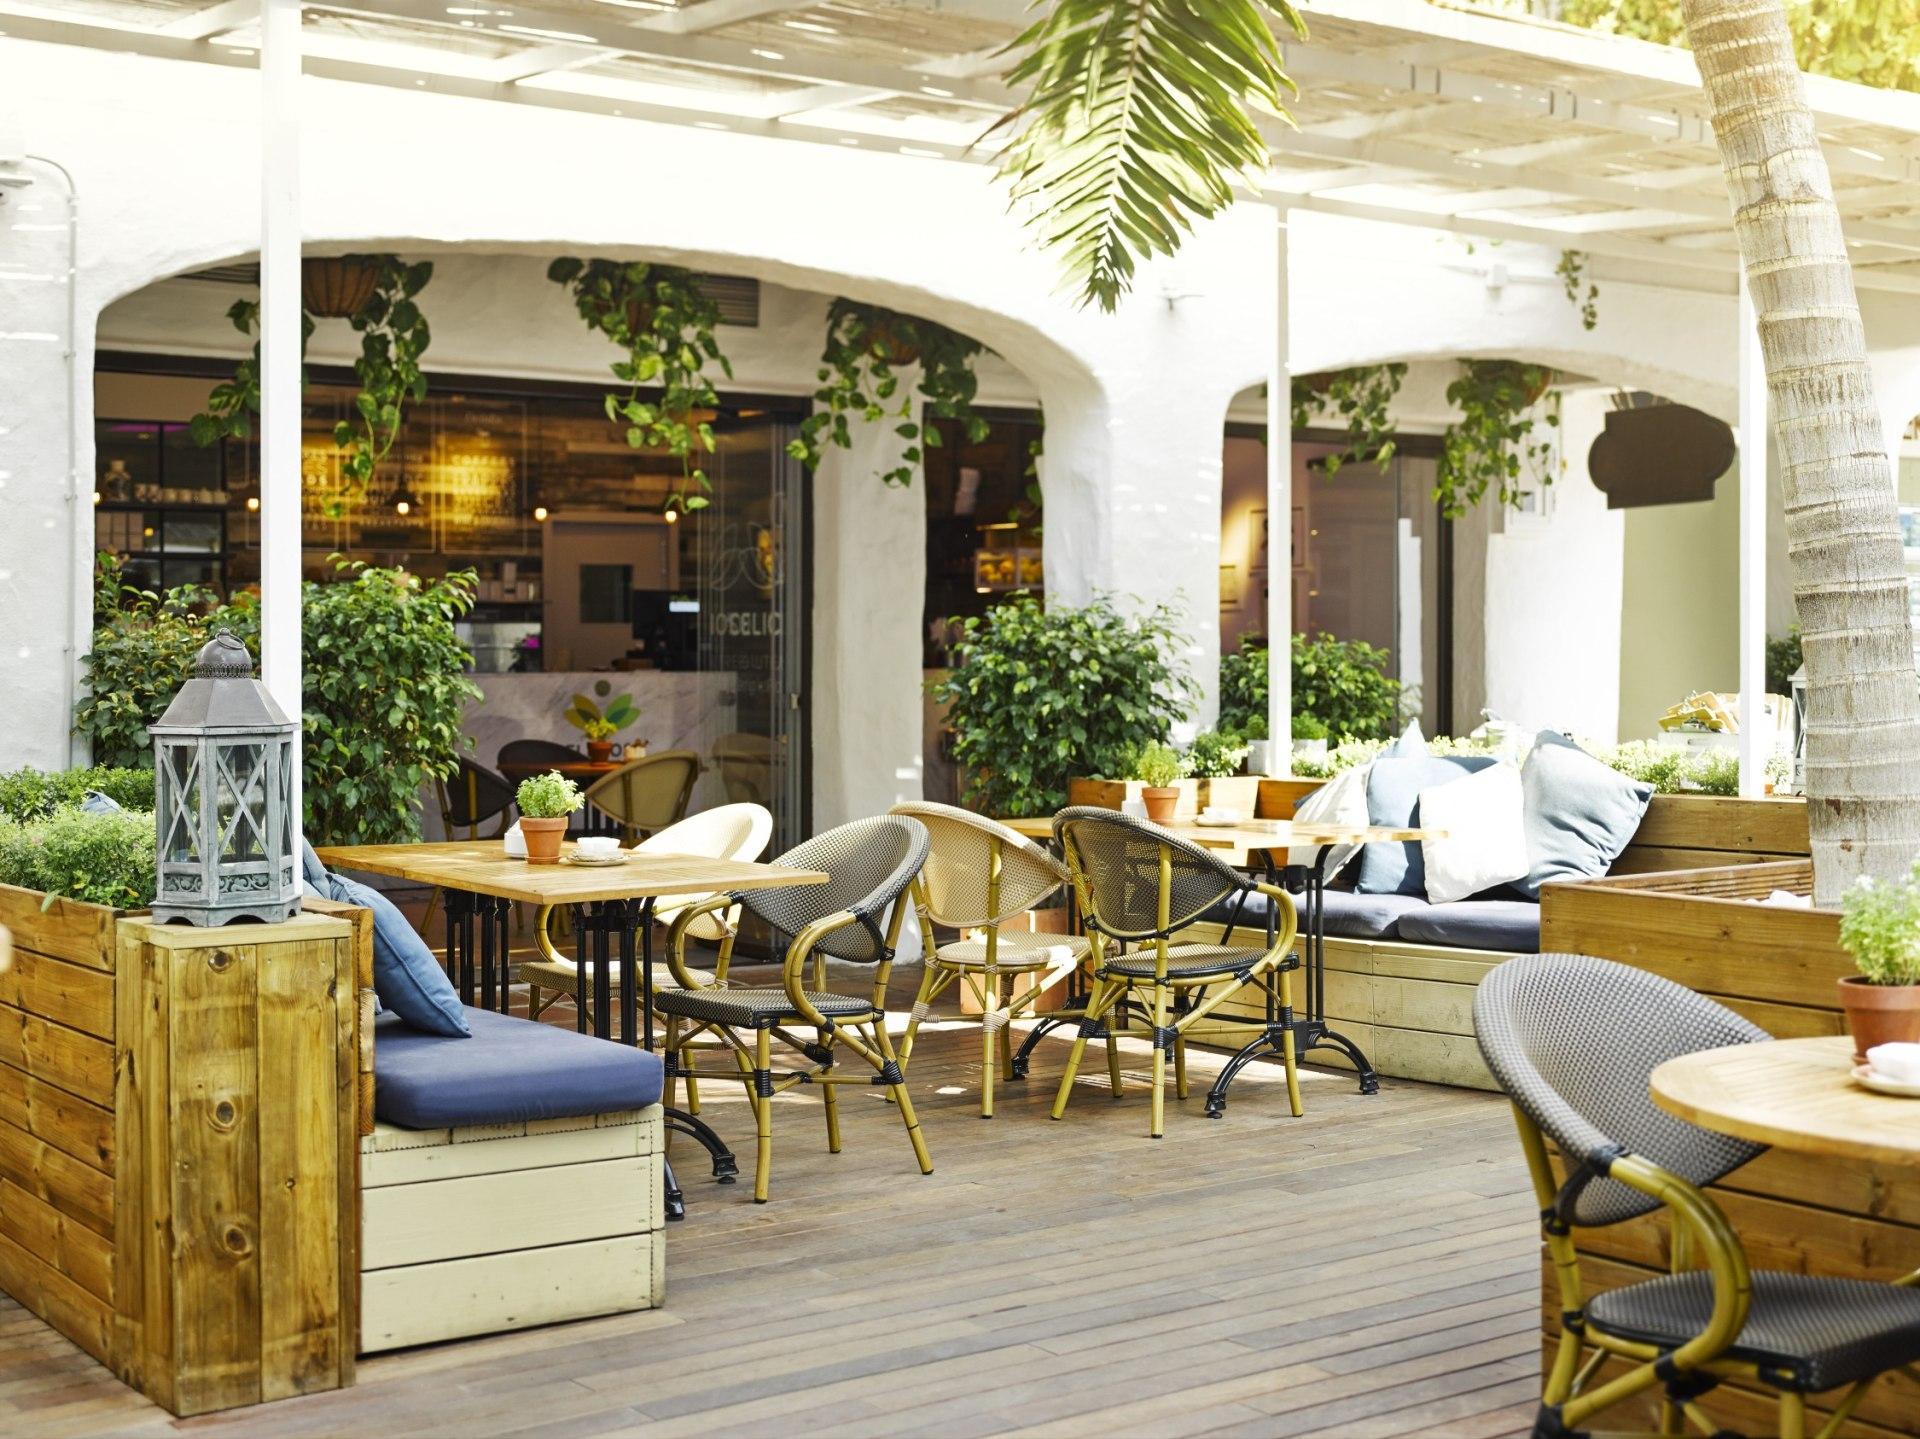 Celicioso Restaurant des Puente Romano Hotels